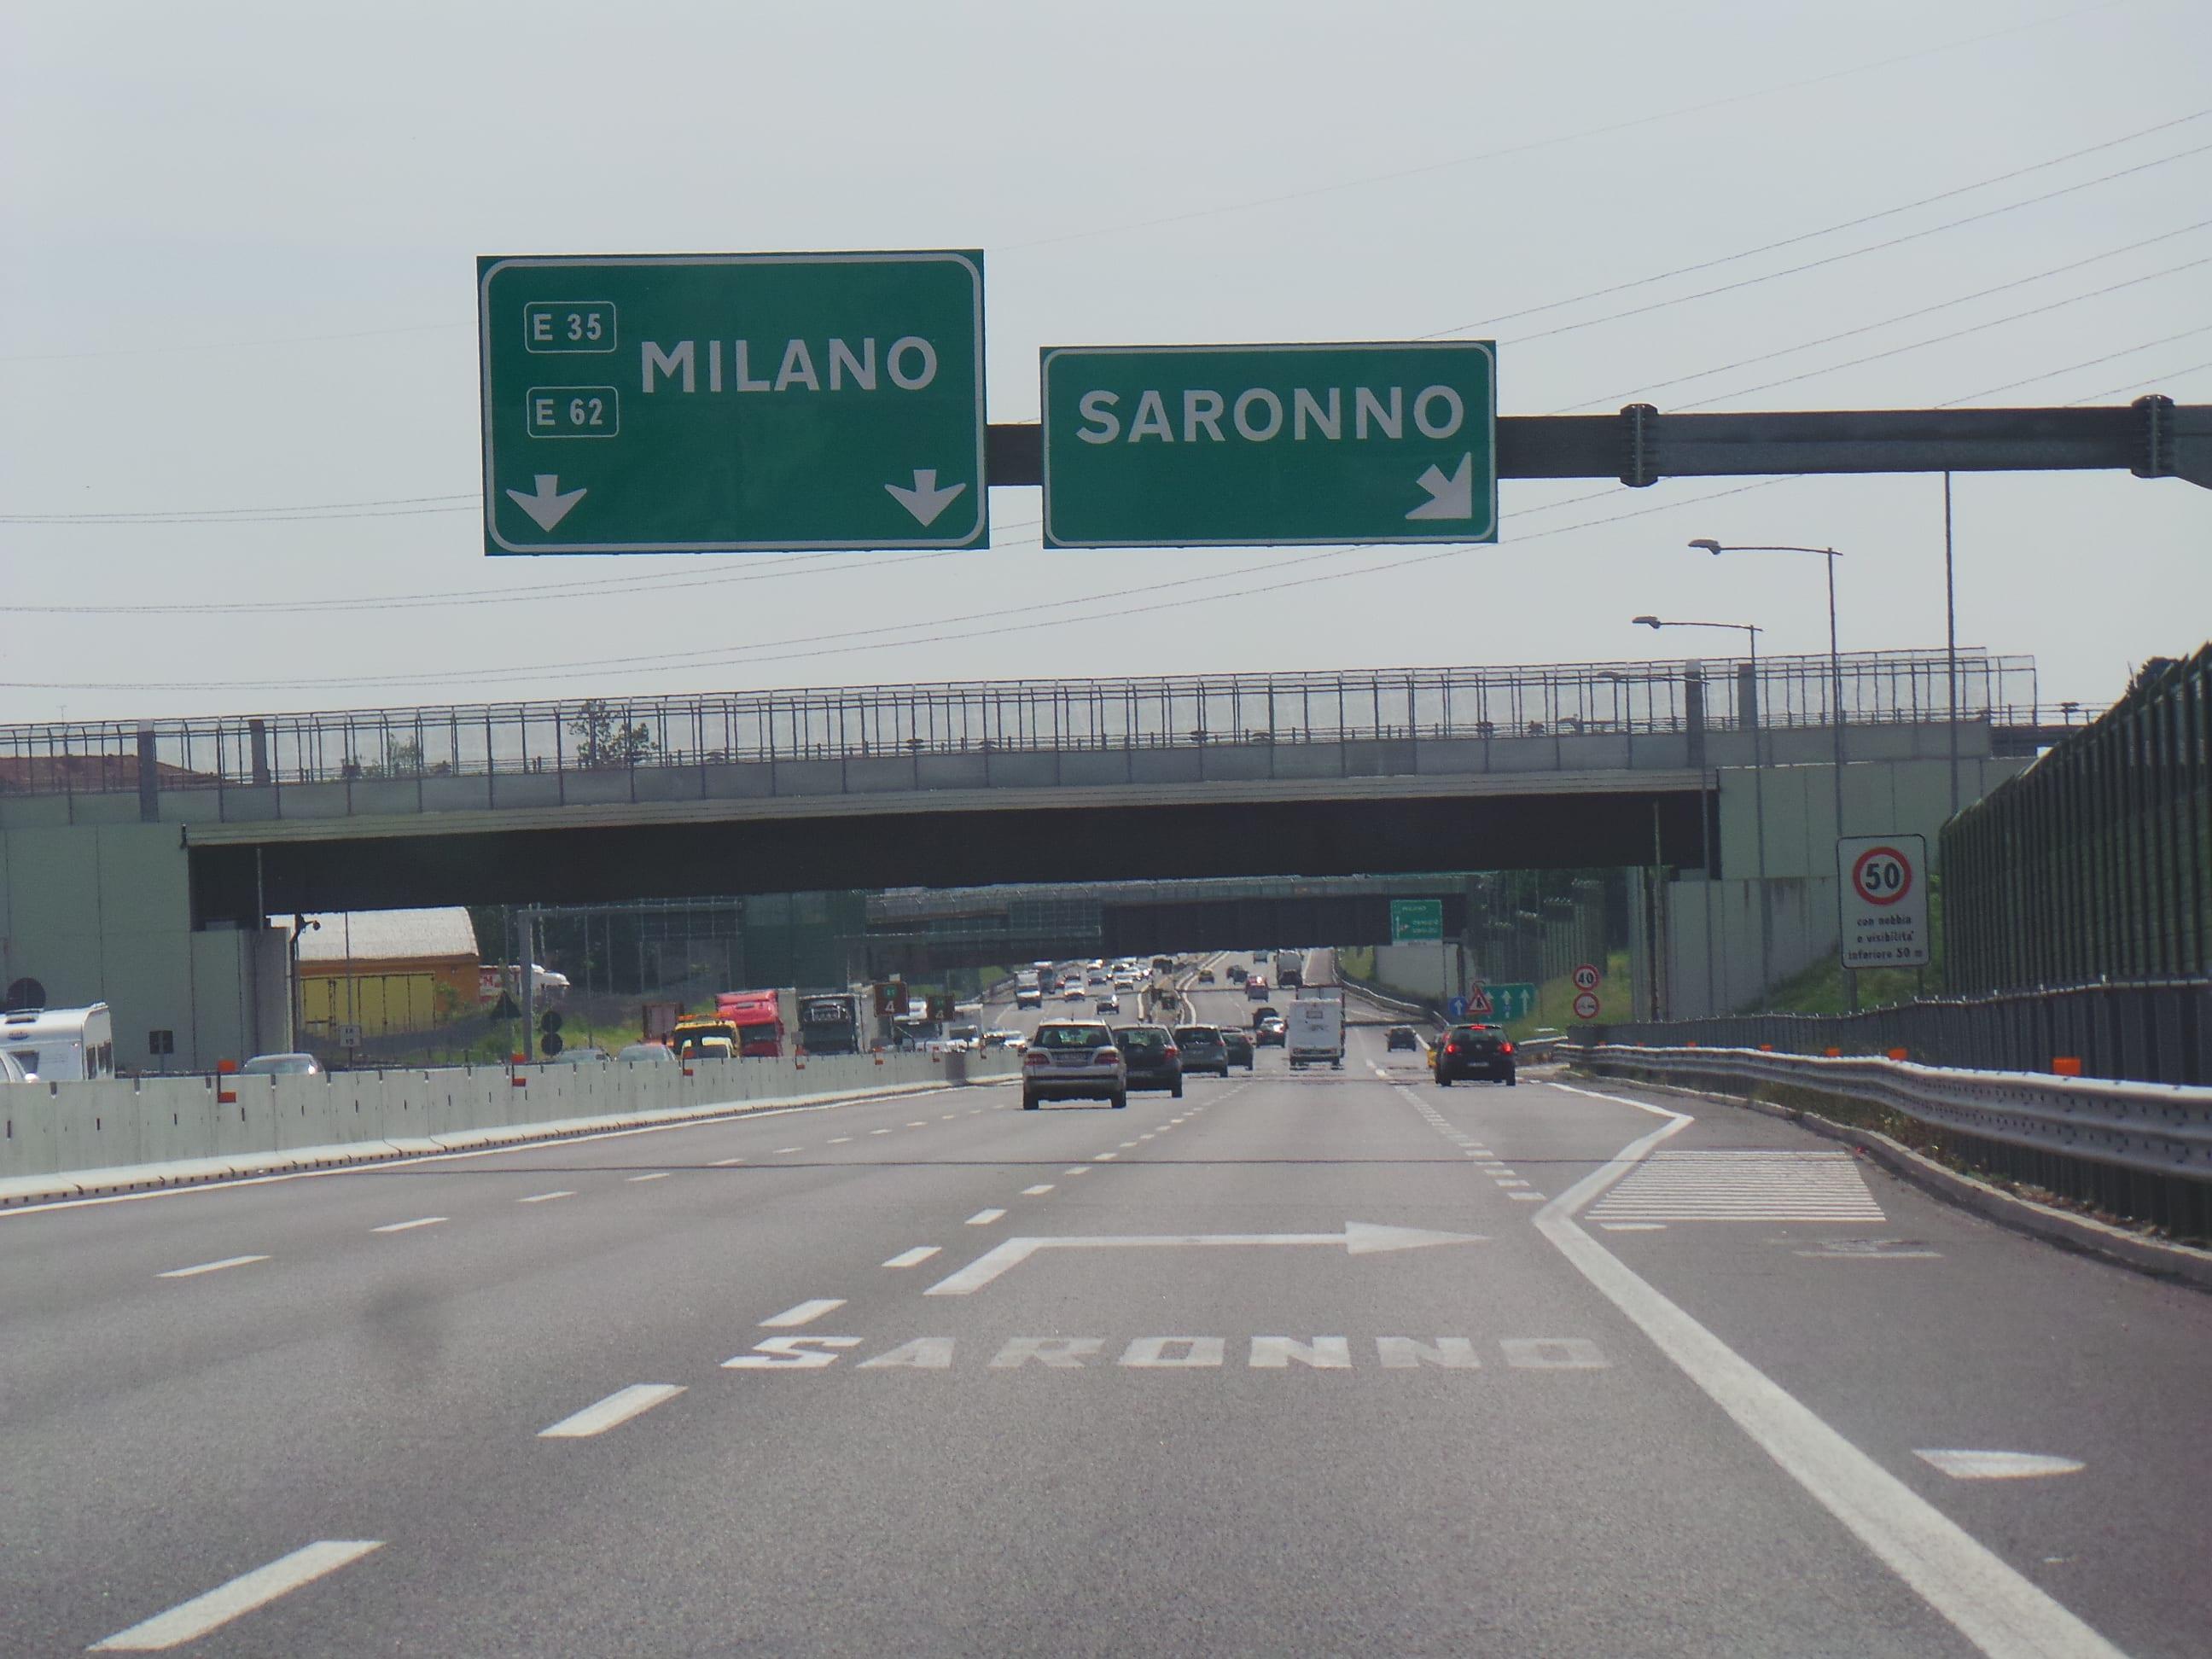 autostrada saronno a9 milano como (11)